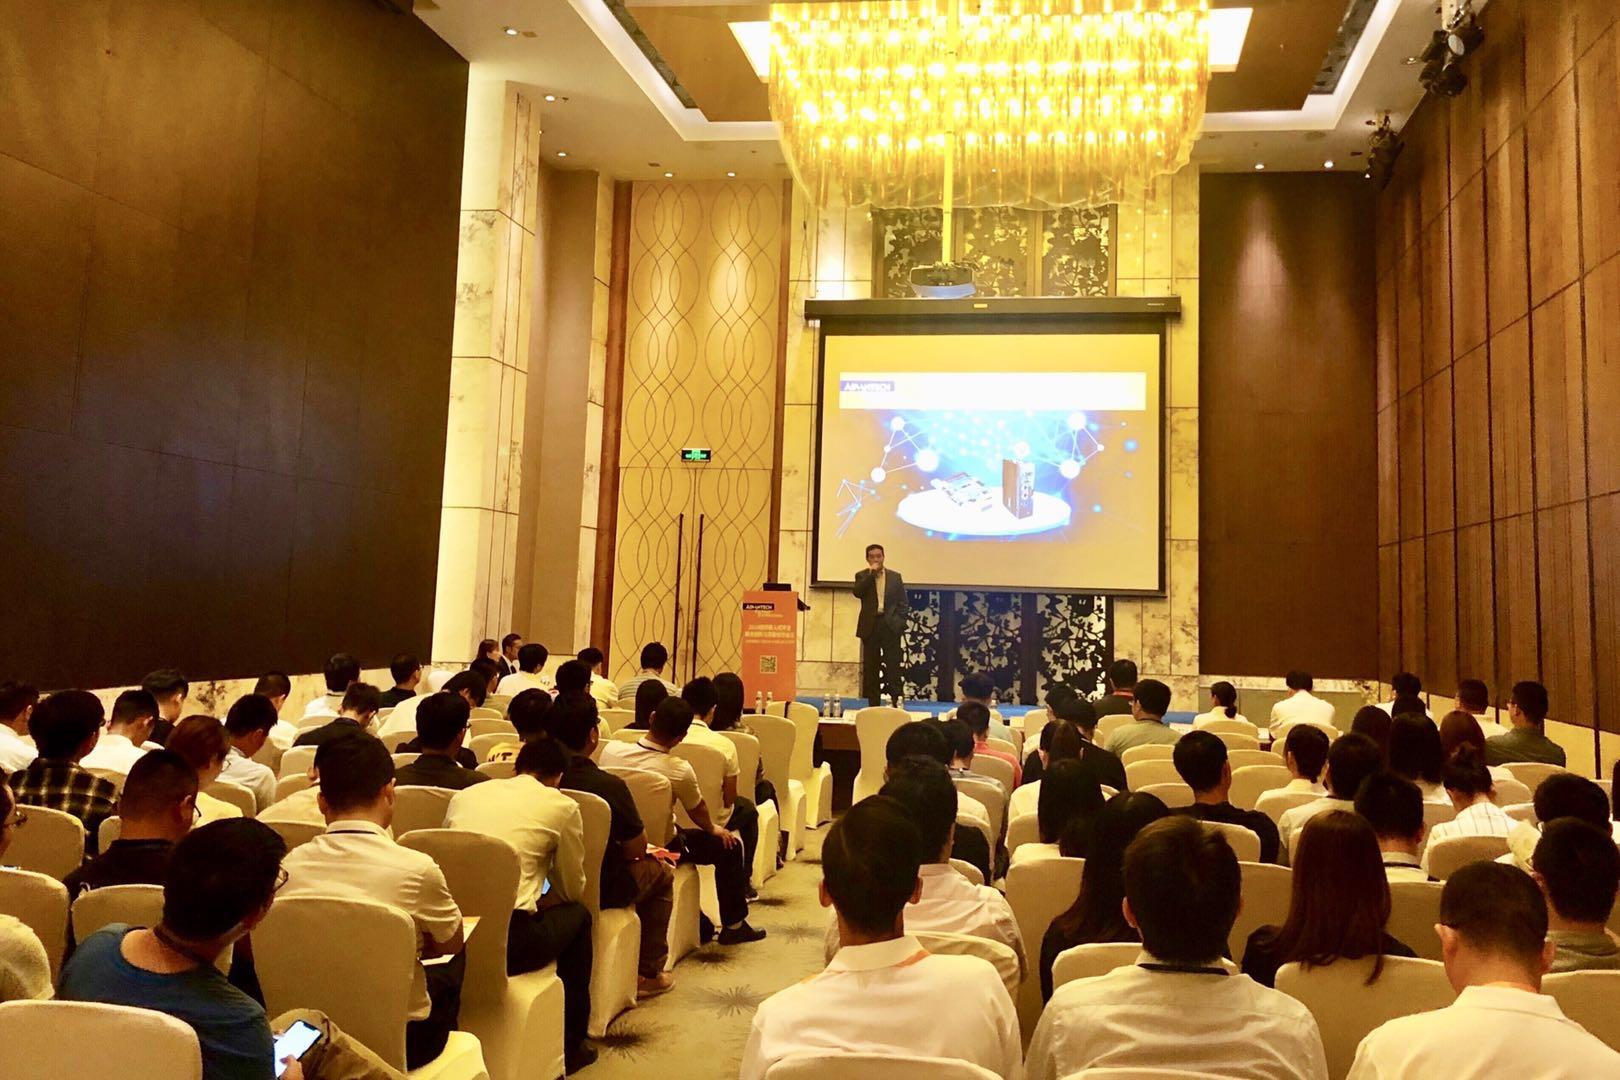 研华嵌入式创新平台服务迎接5G+AIoT智慧时代 嵌入式伙伴会议于上海隆重召开 发布全新智能嵌入式系统